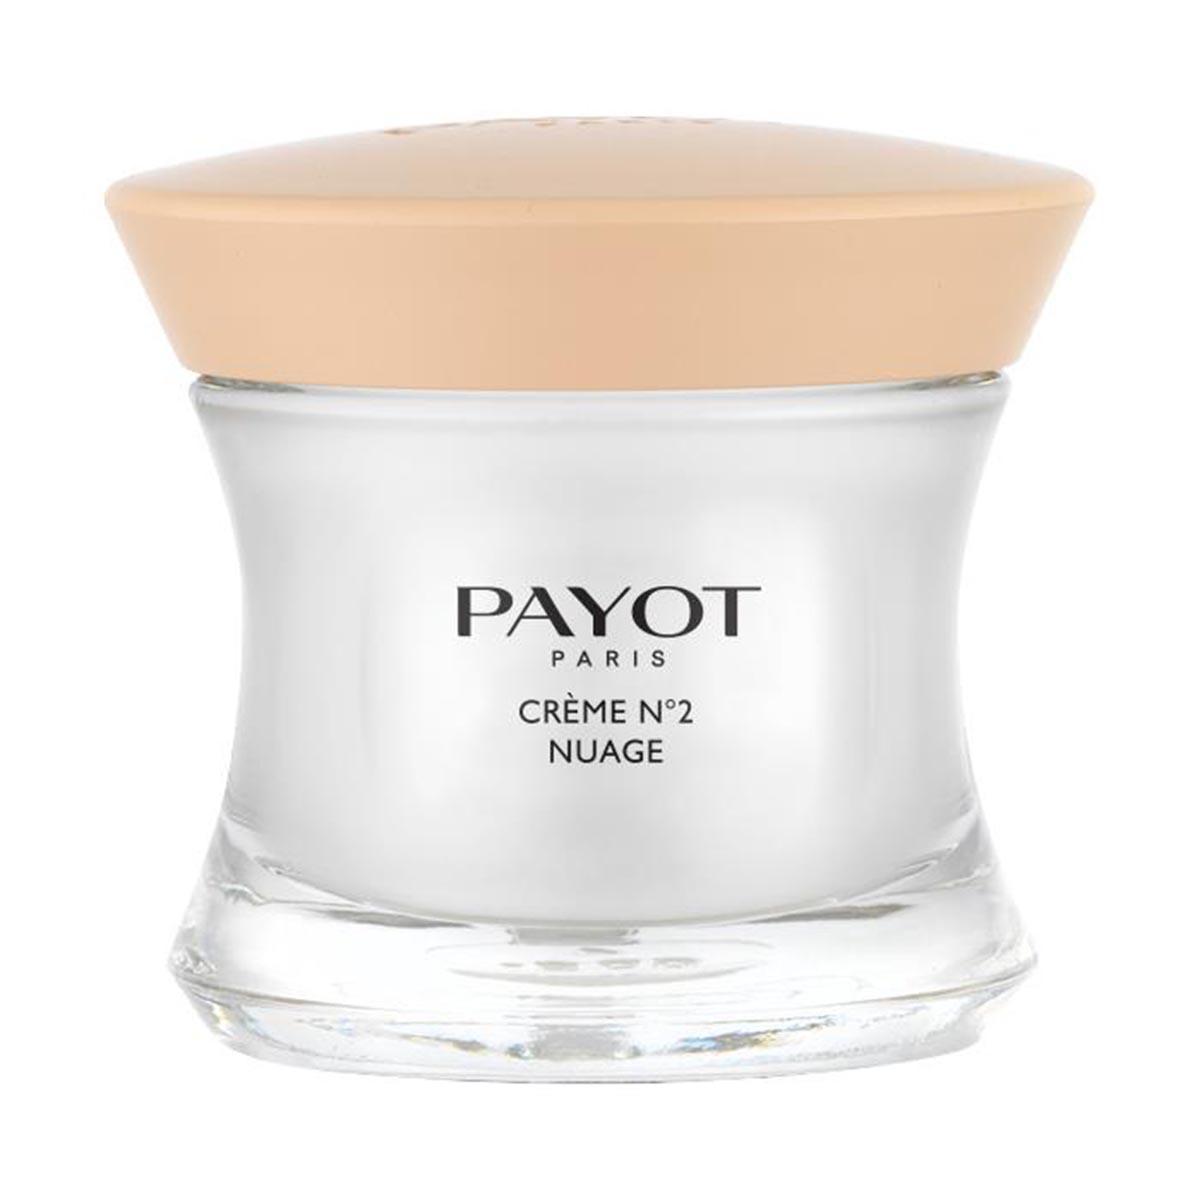 Payot paris creme n 2 crema nuage tester 50ml